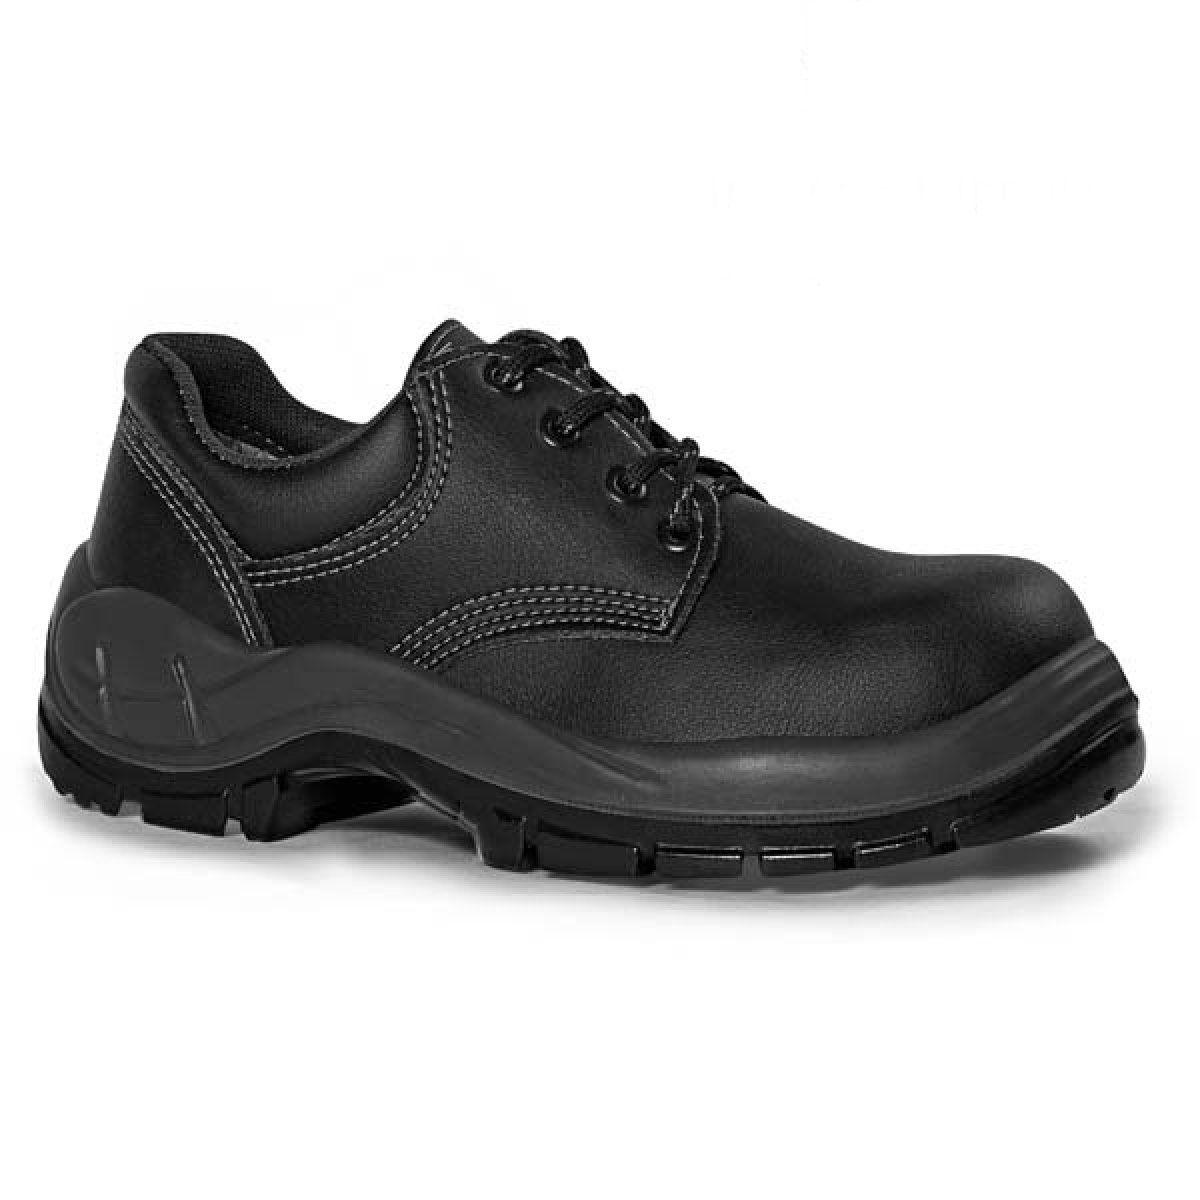 Sapato c/ Cadarço Bidensidade c/ Bico de Aço Preto N°38 - BRACOL